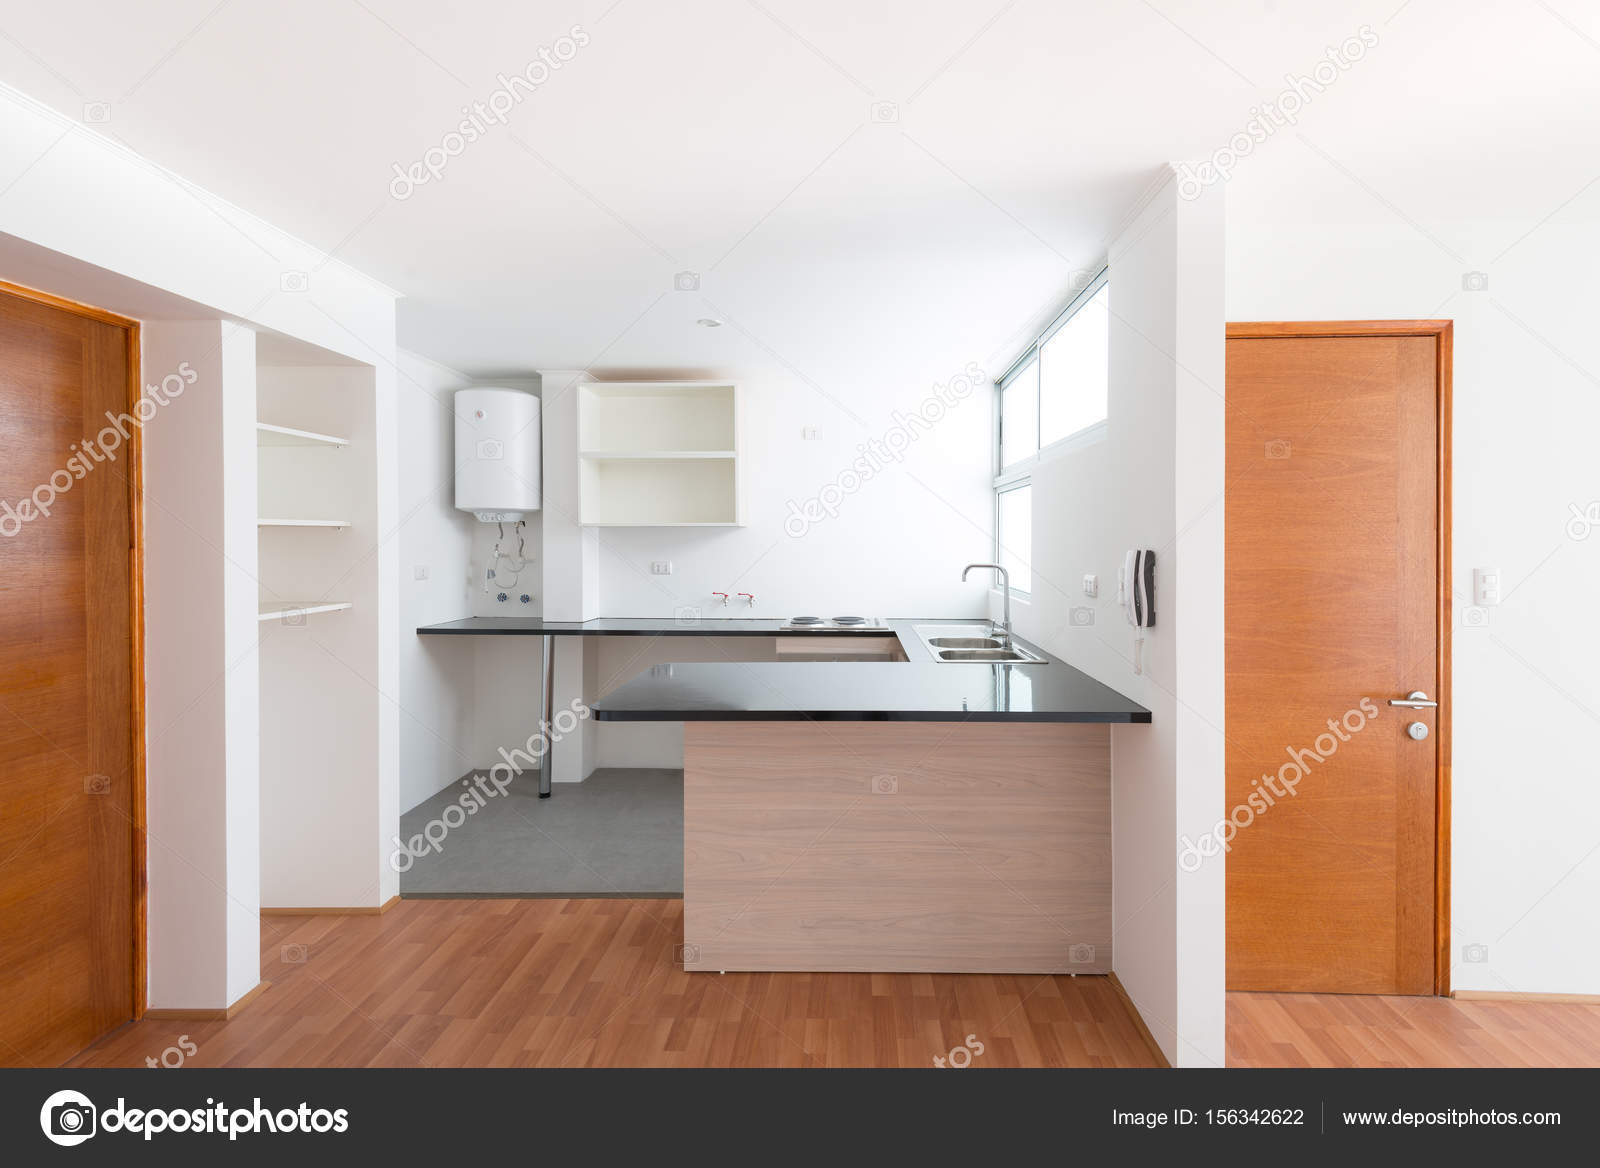 Küche eine kleine Wohnung — Stockfoto © tifonimages #156342622